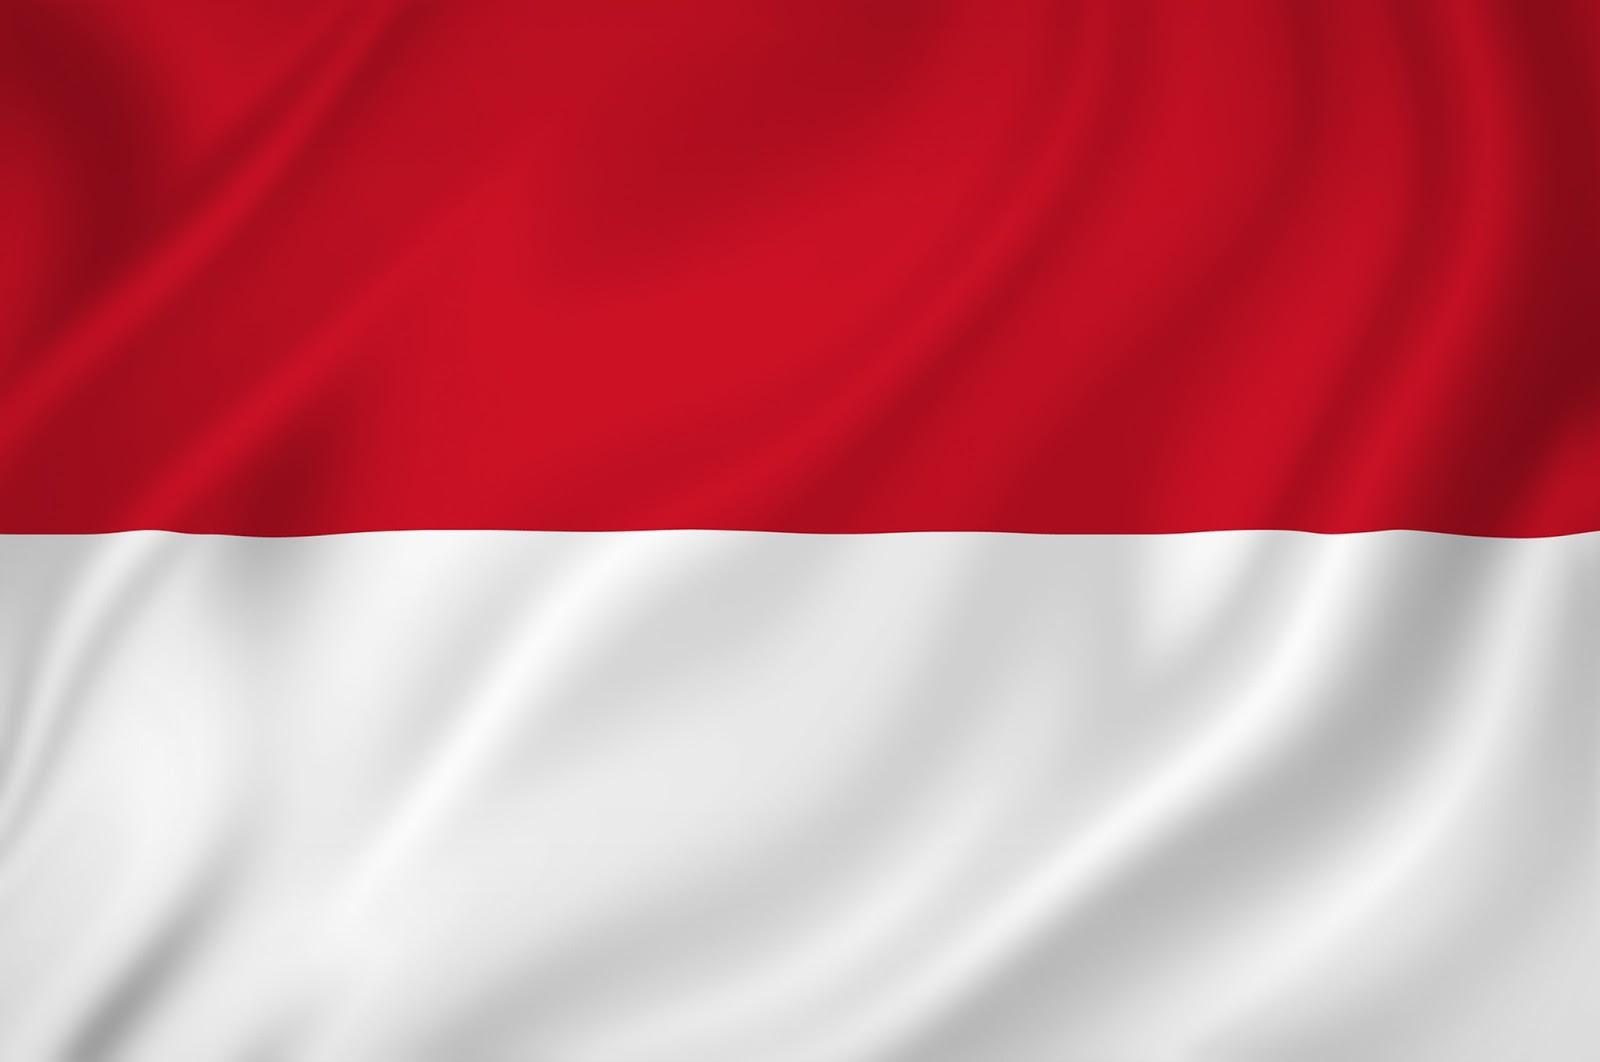 24-246864_bendera-merah-putih-bitmap